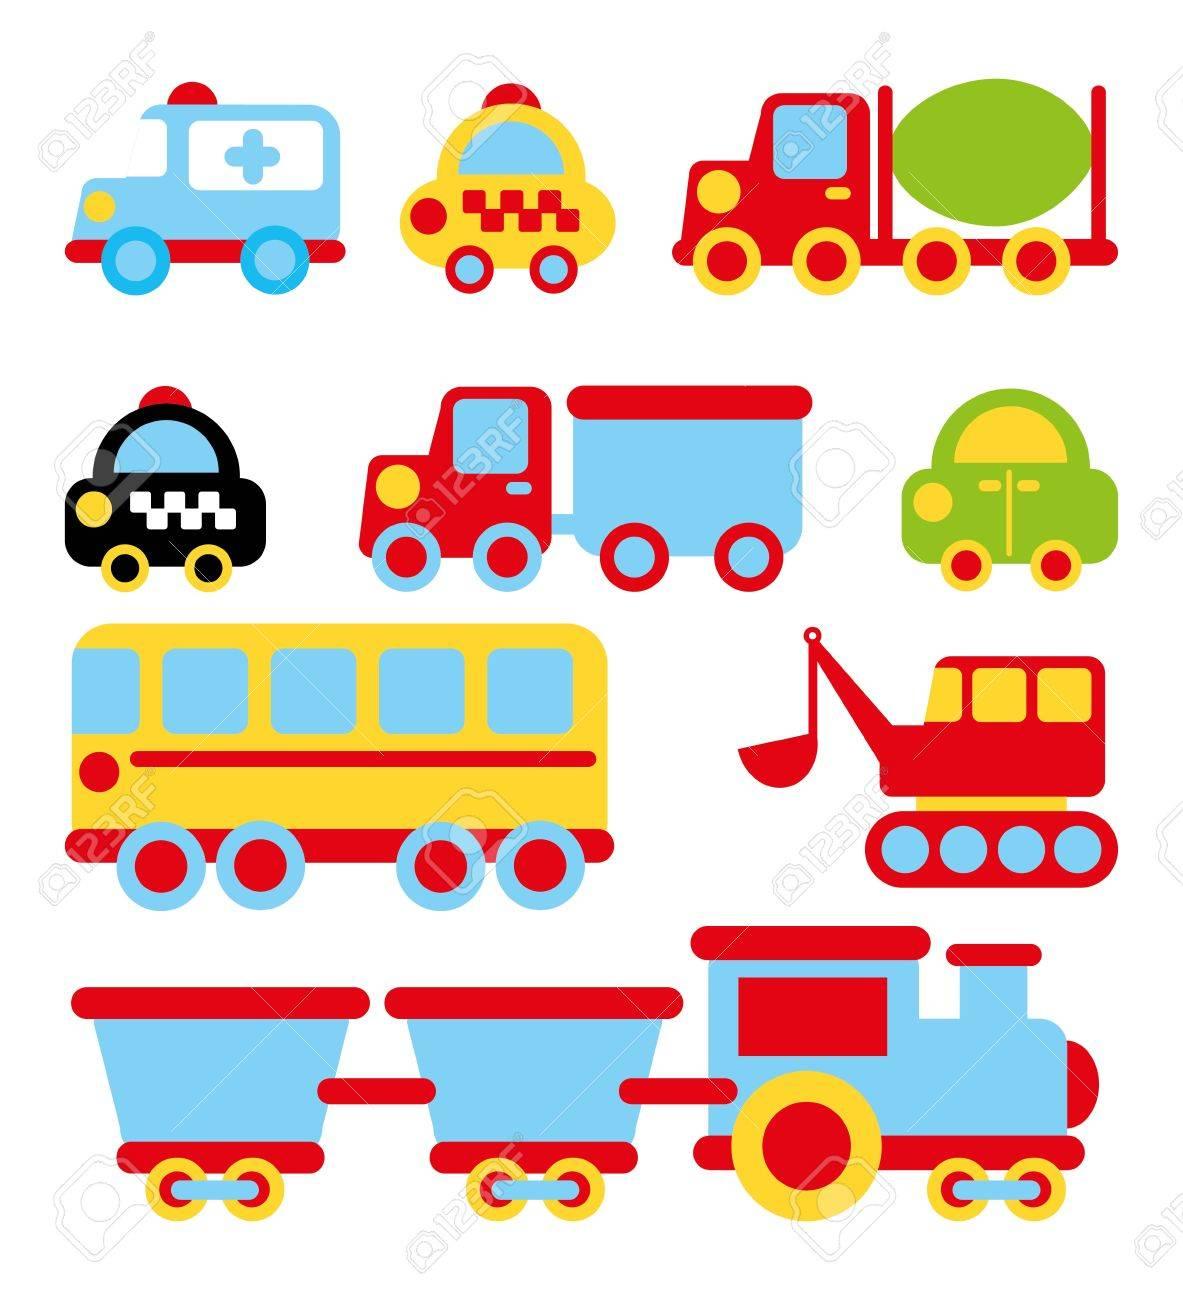 transport design over white background vector illustration Stock Vector - 23539795